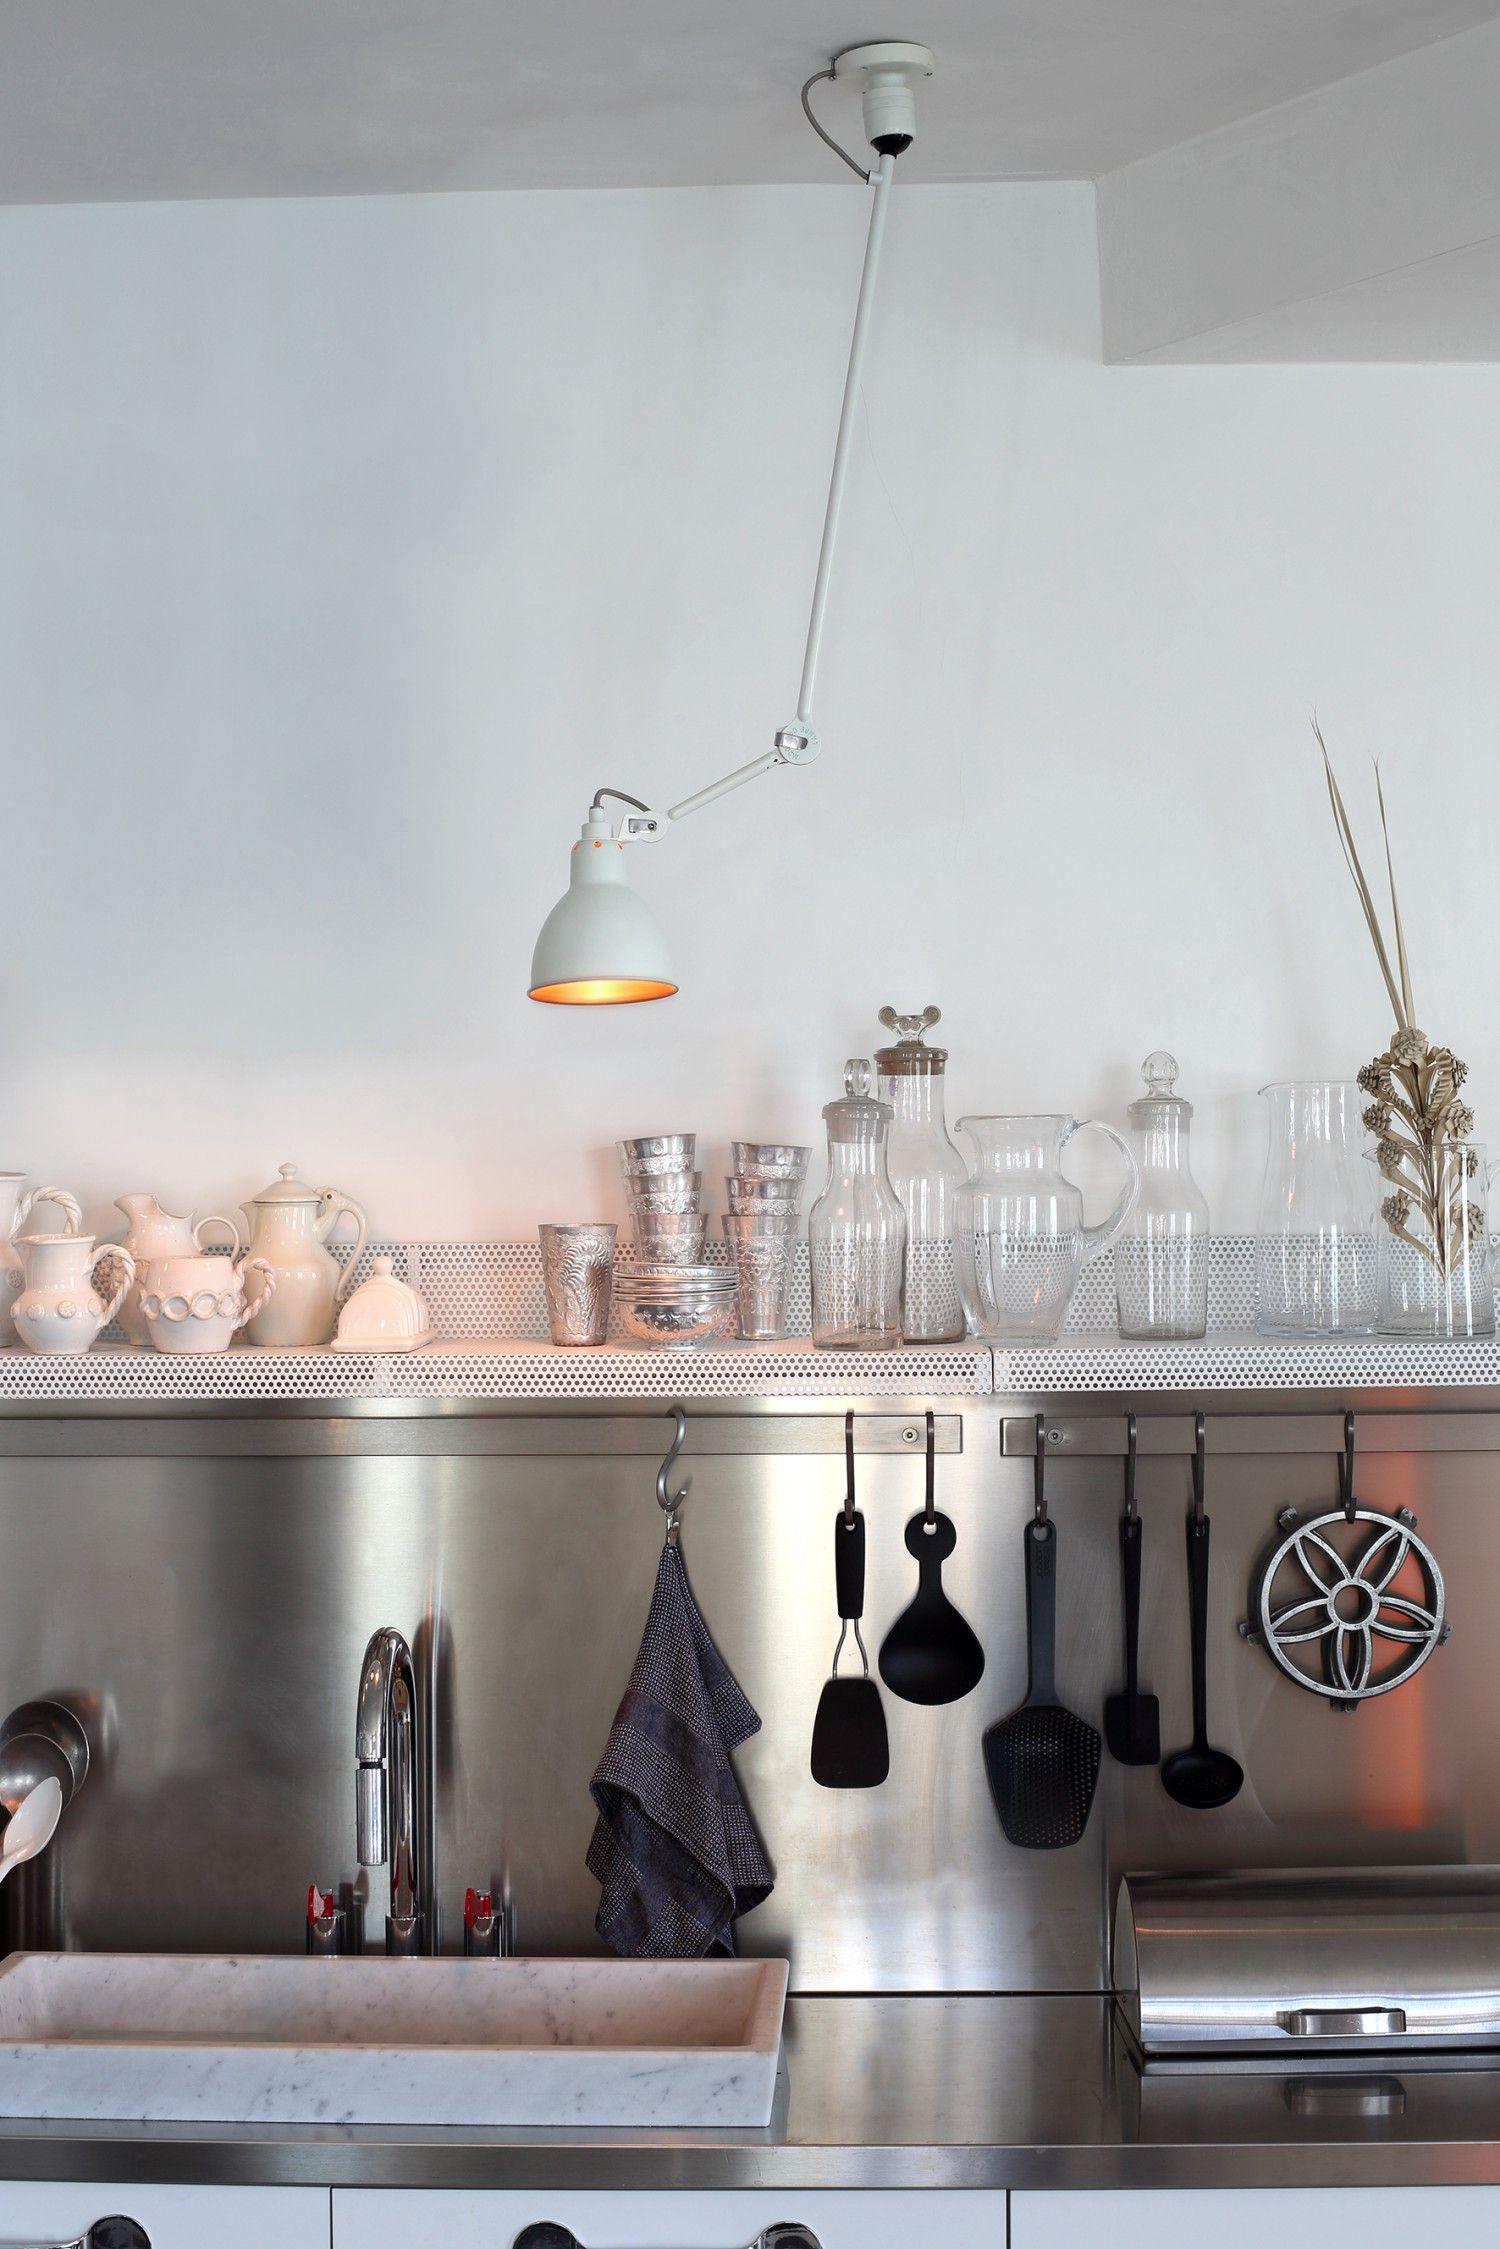 Lampe Gras | Lighting | Pinterest | Beleuchtung, Bäder und Küche